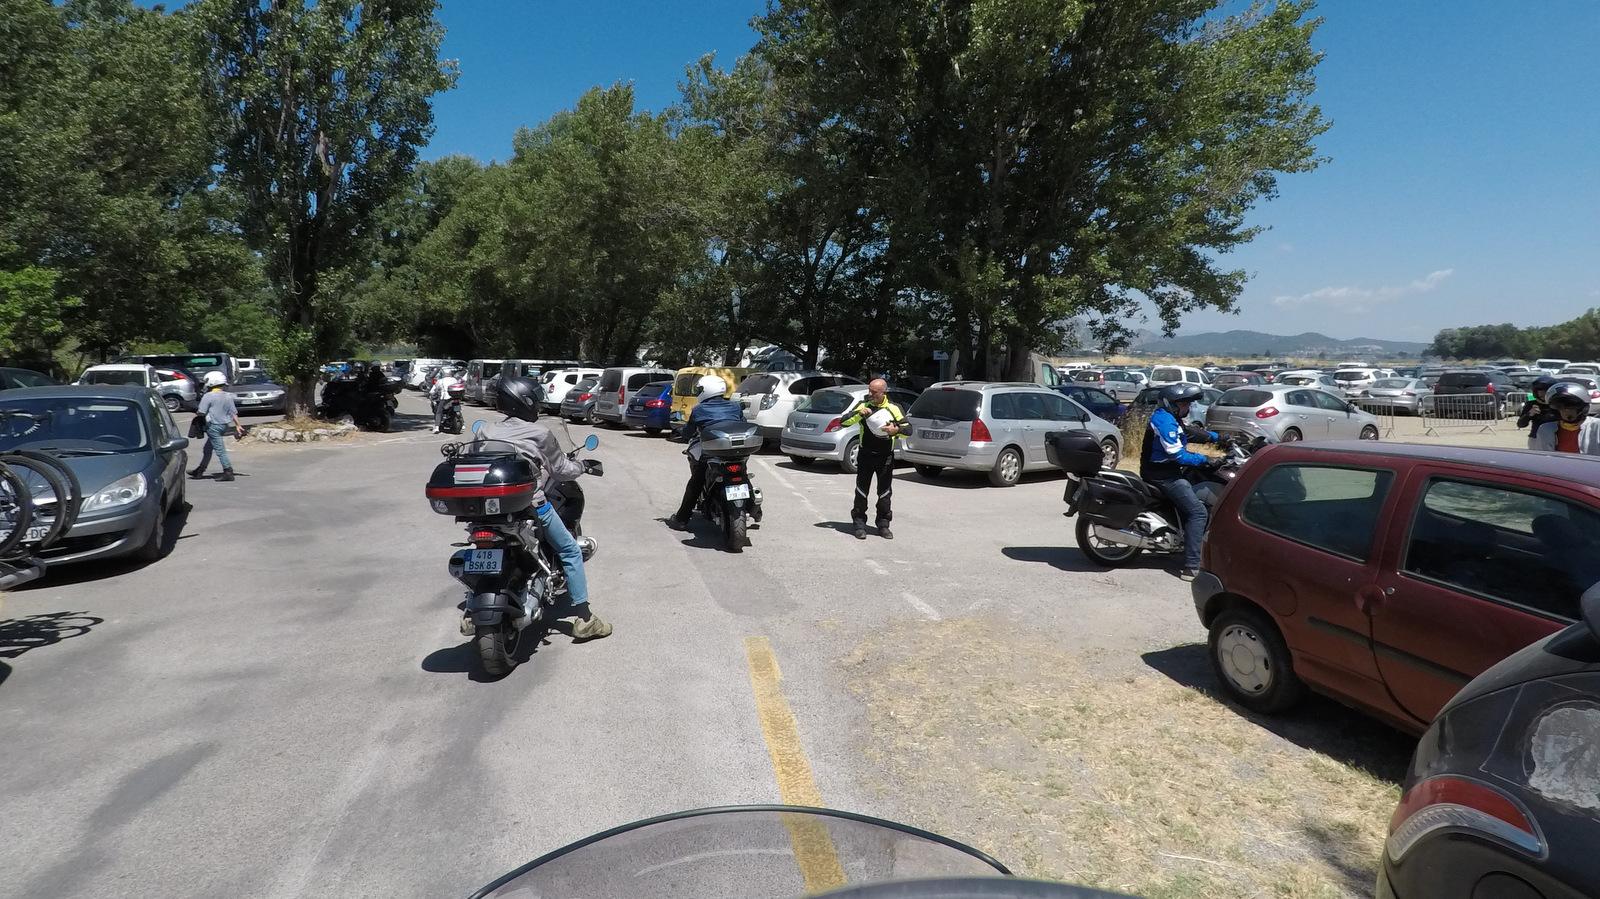 pas beaucoup de places libres même pour des motos !